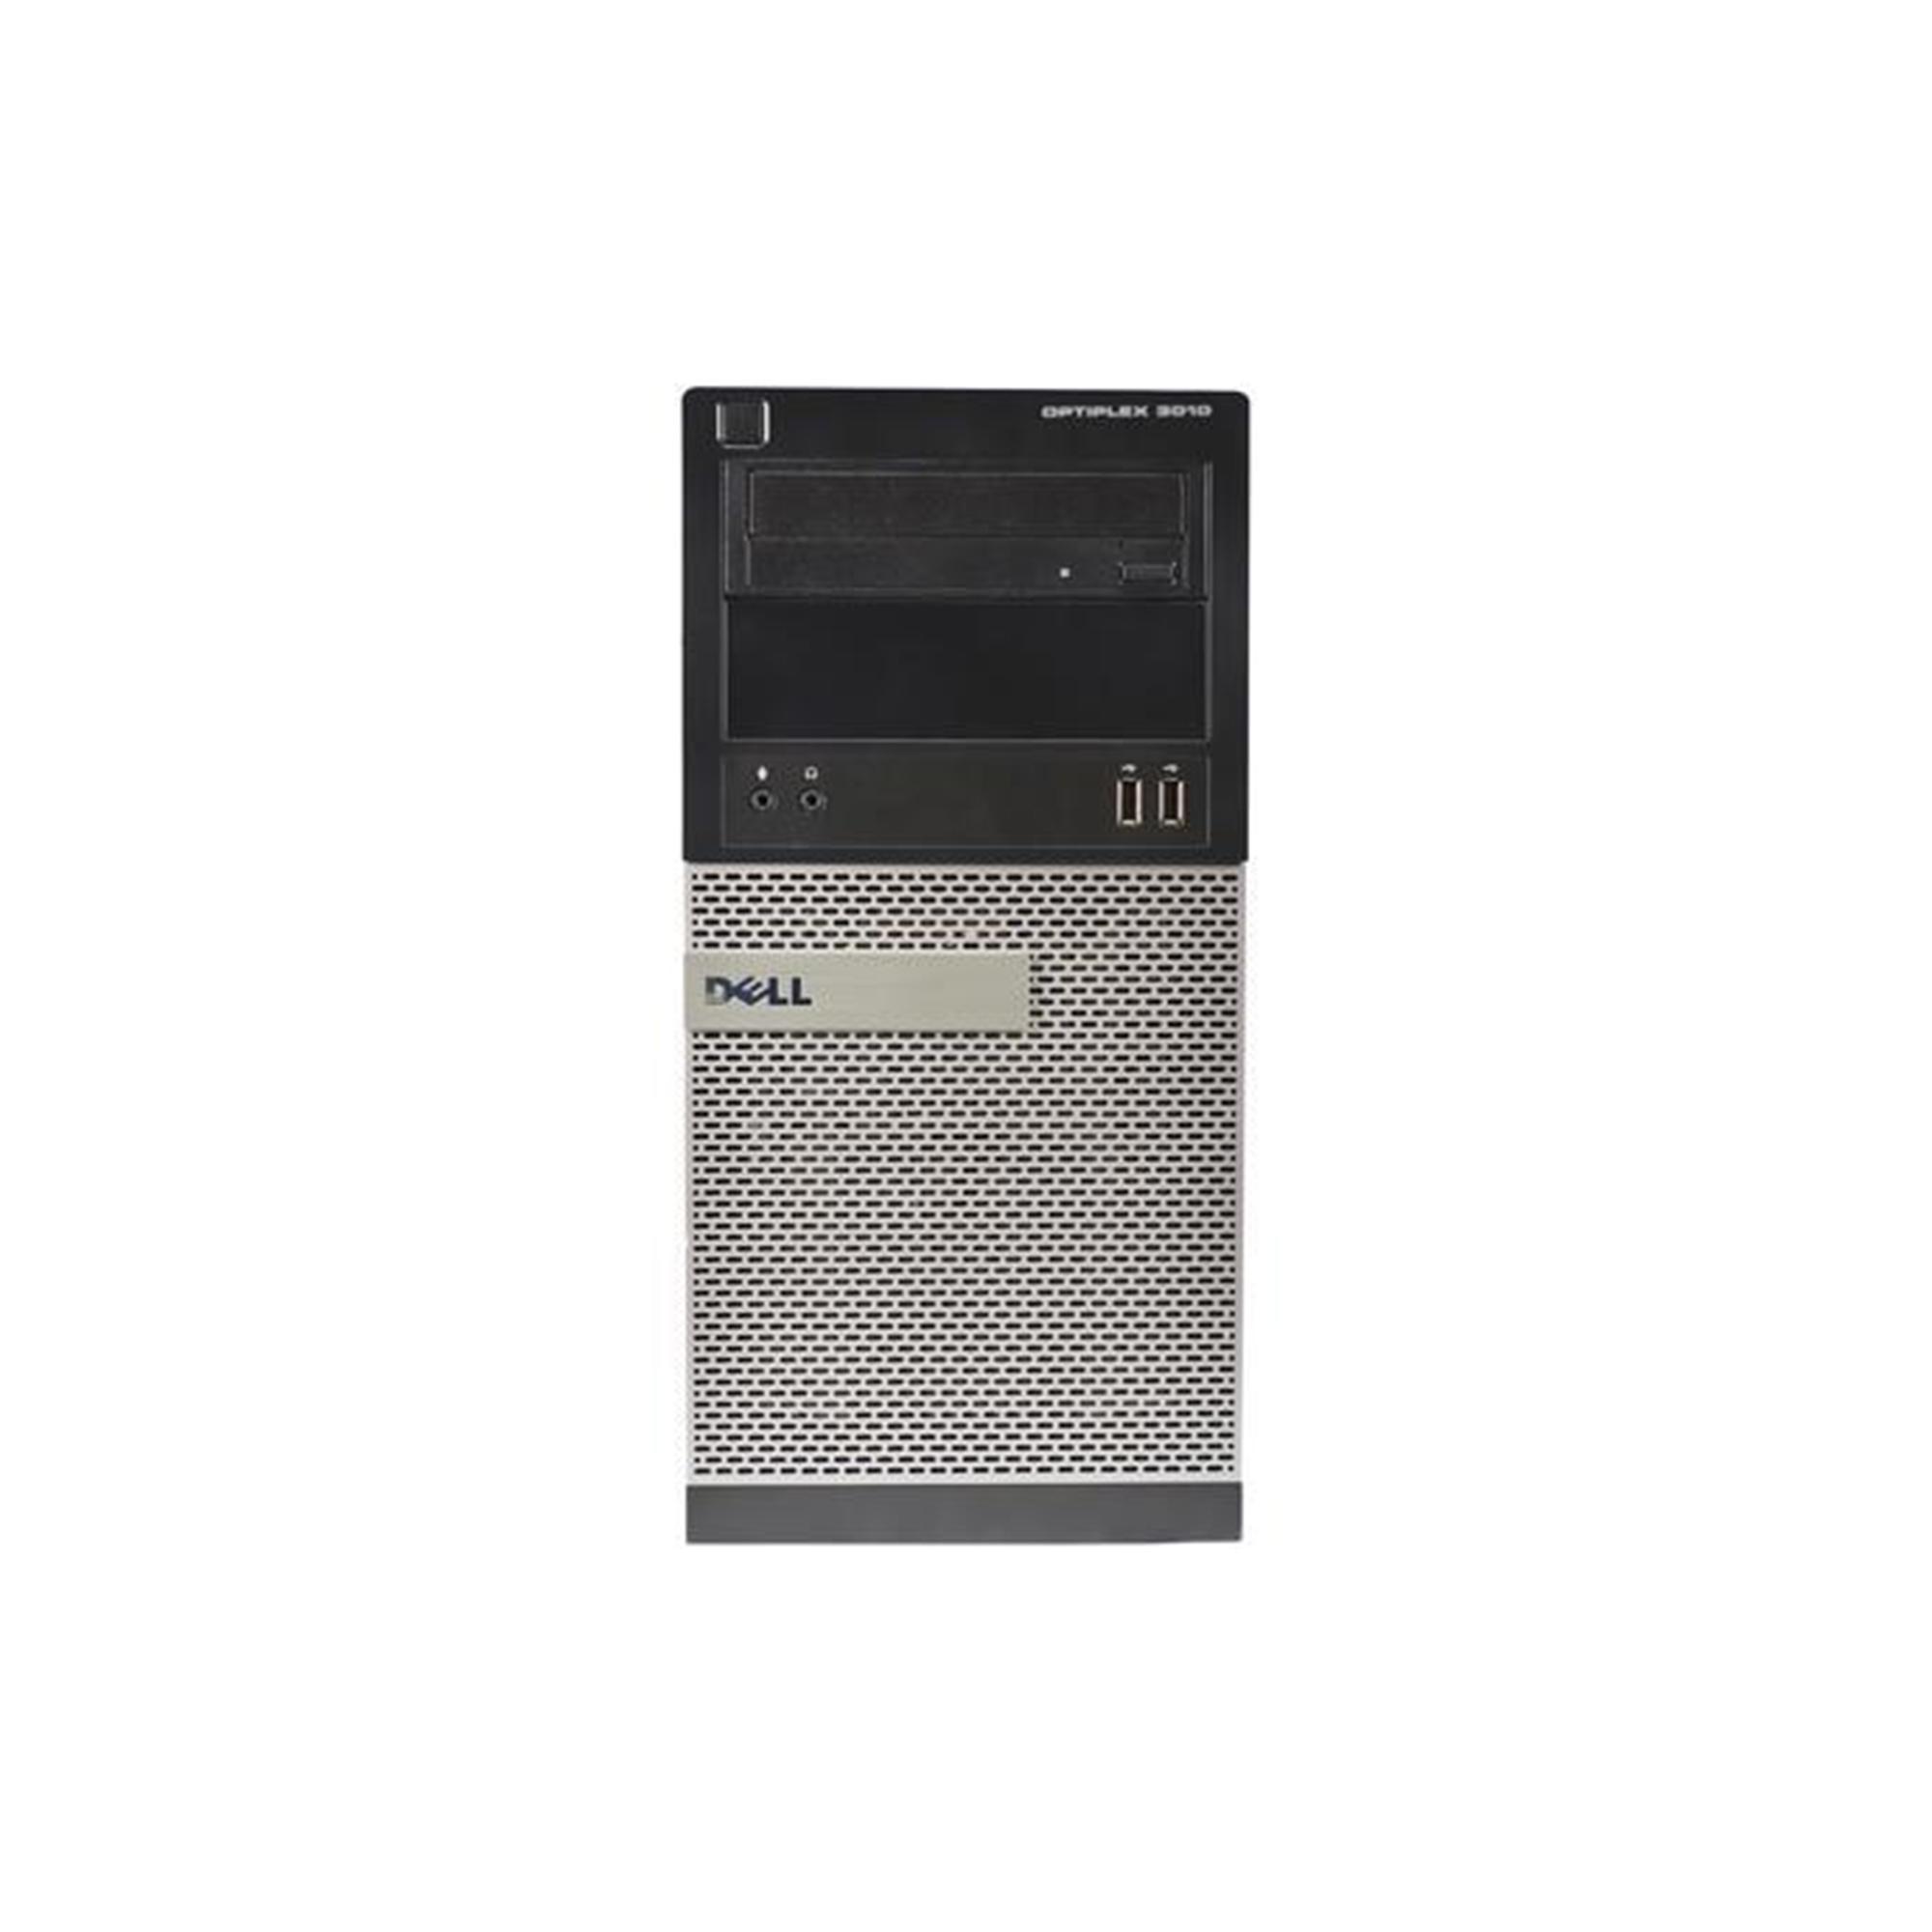 Dell Optiplex 3010 MT Core i5 3.2 GHz - HDD 500 GB RAM 16GB